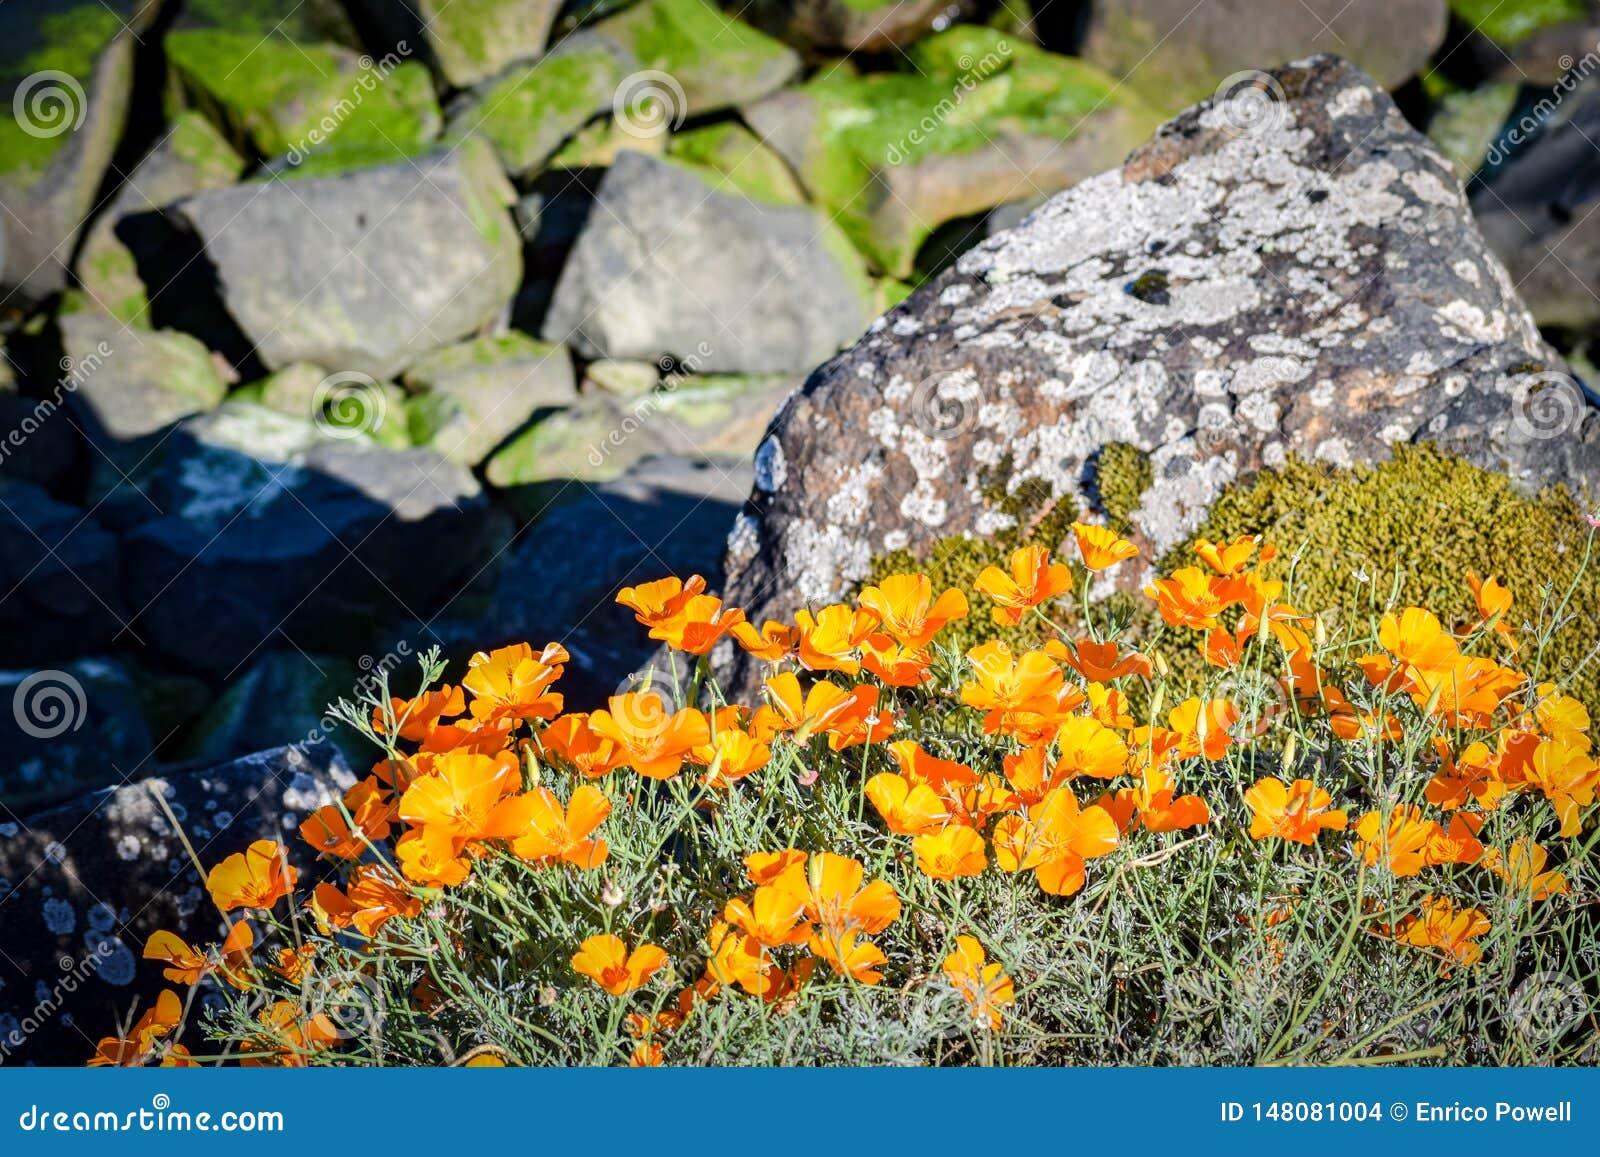 Λαμπρά κίτρινα πορτοκαλιά λουλούδια που αυξάνονται τις άγρια περιοχές υπαίθρια με τους βράχους στο υπόβαθρο